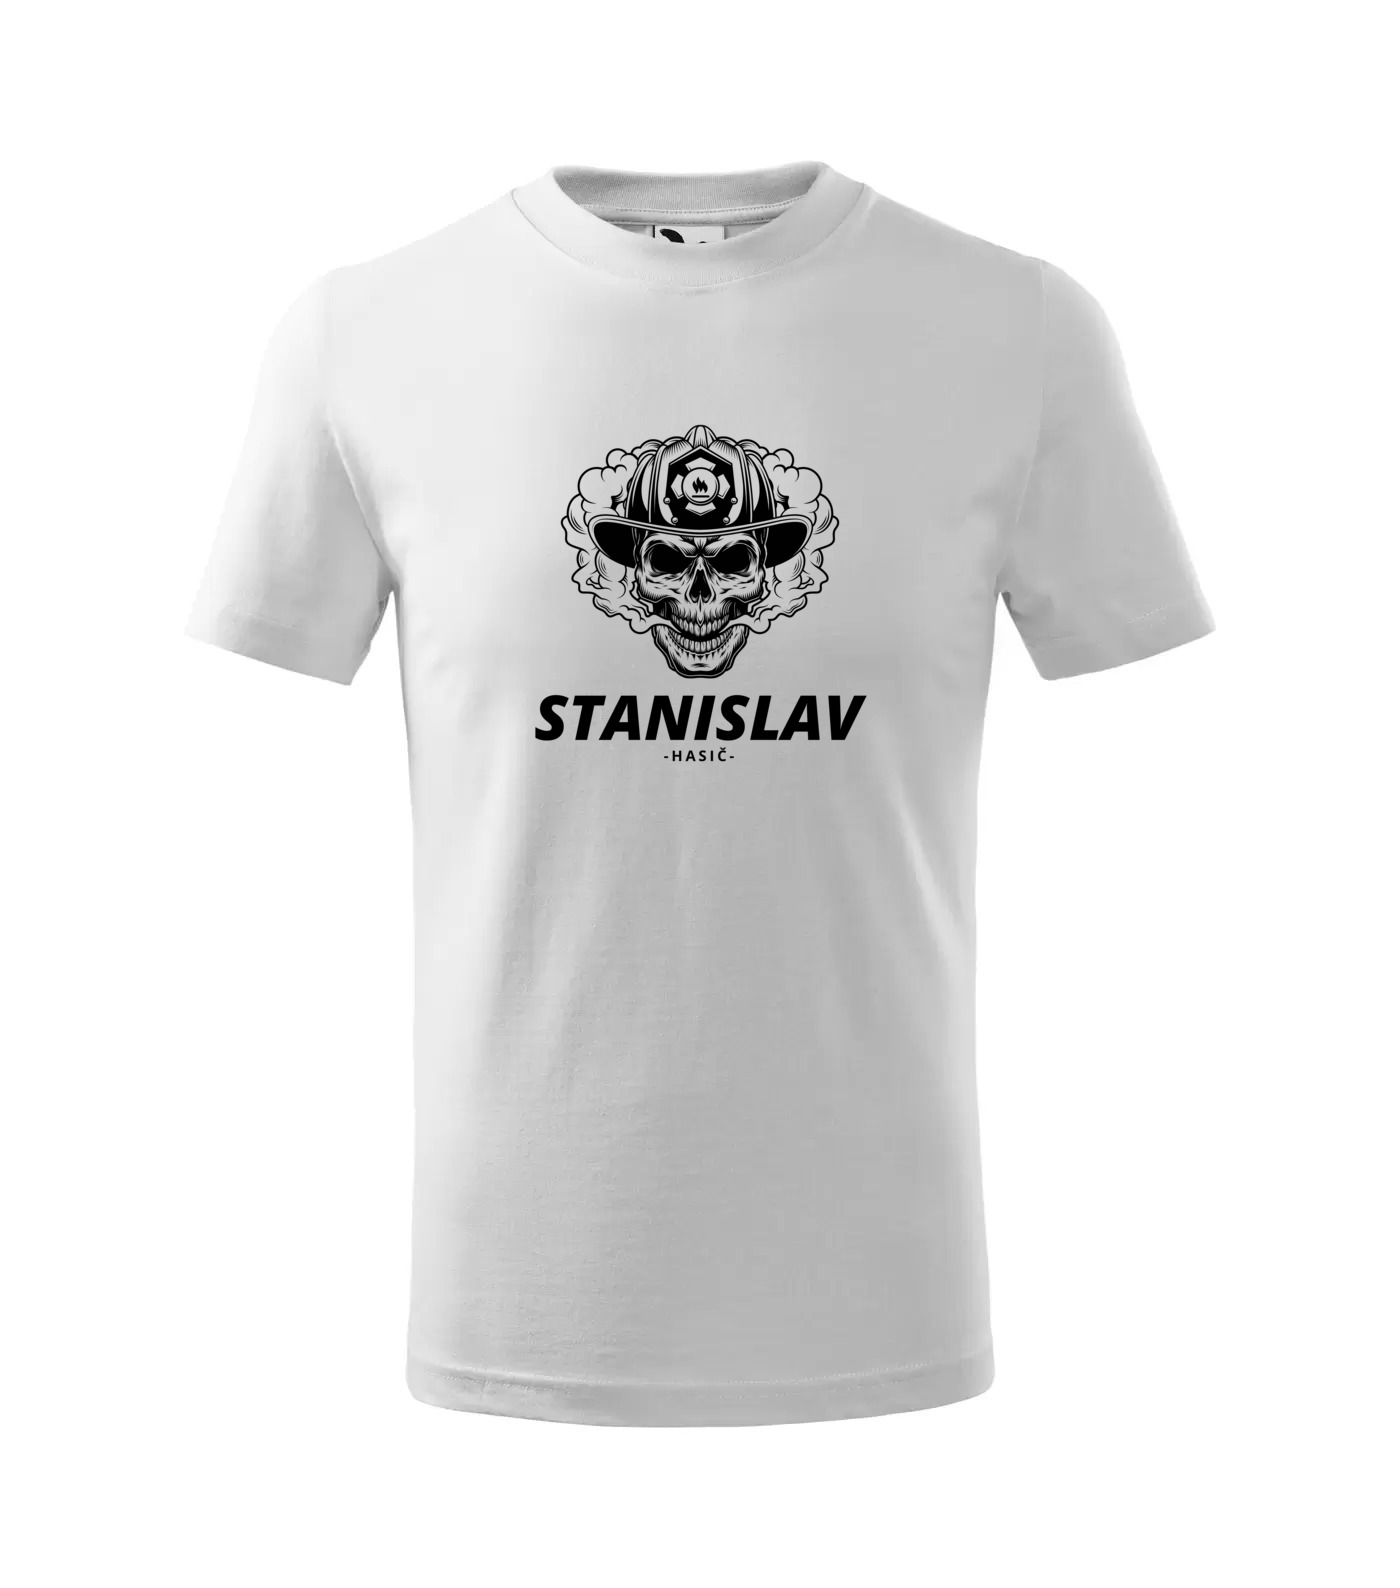 Tričko Hasič Stanislav